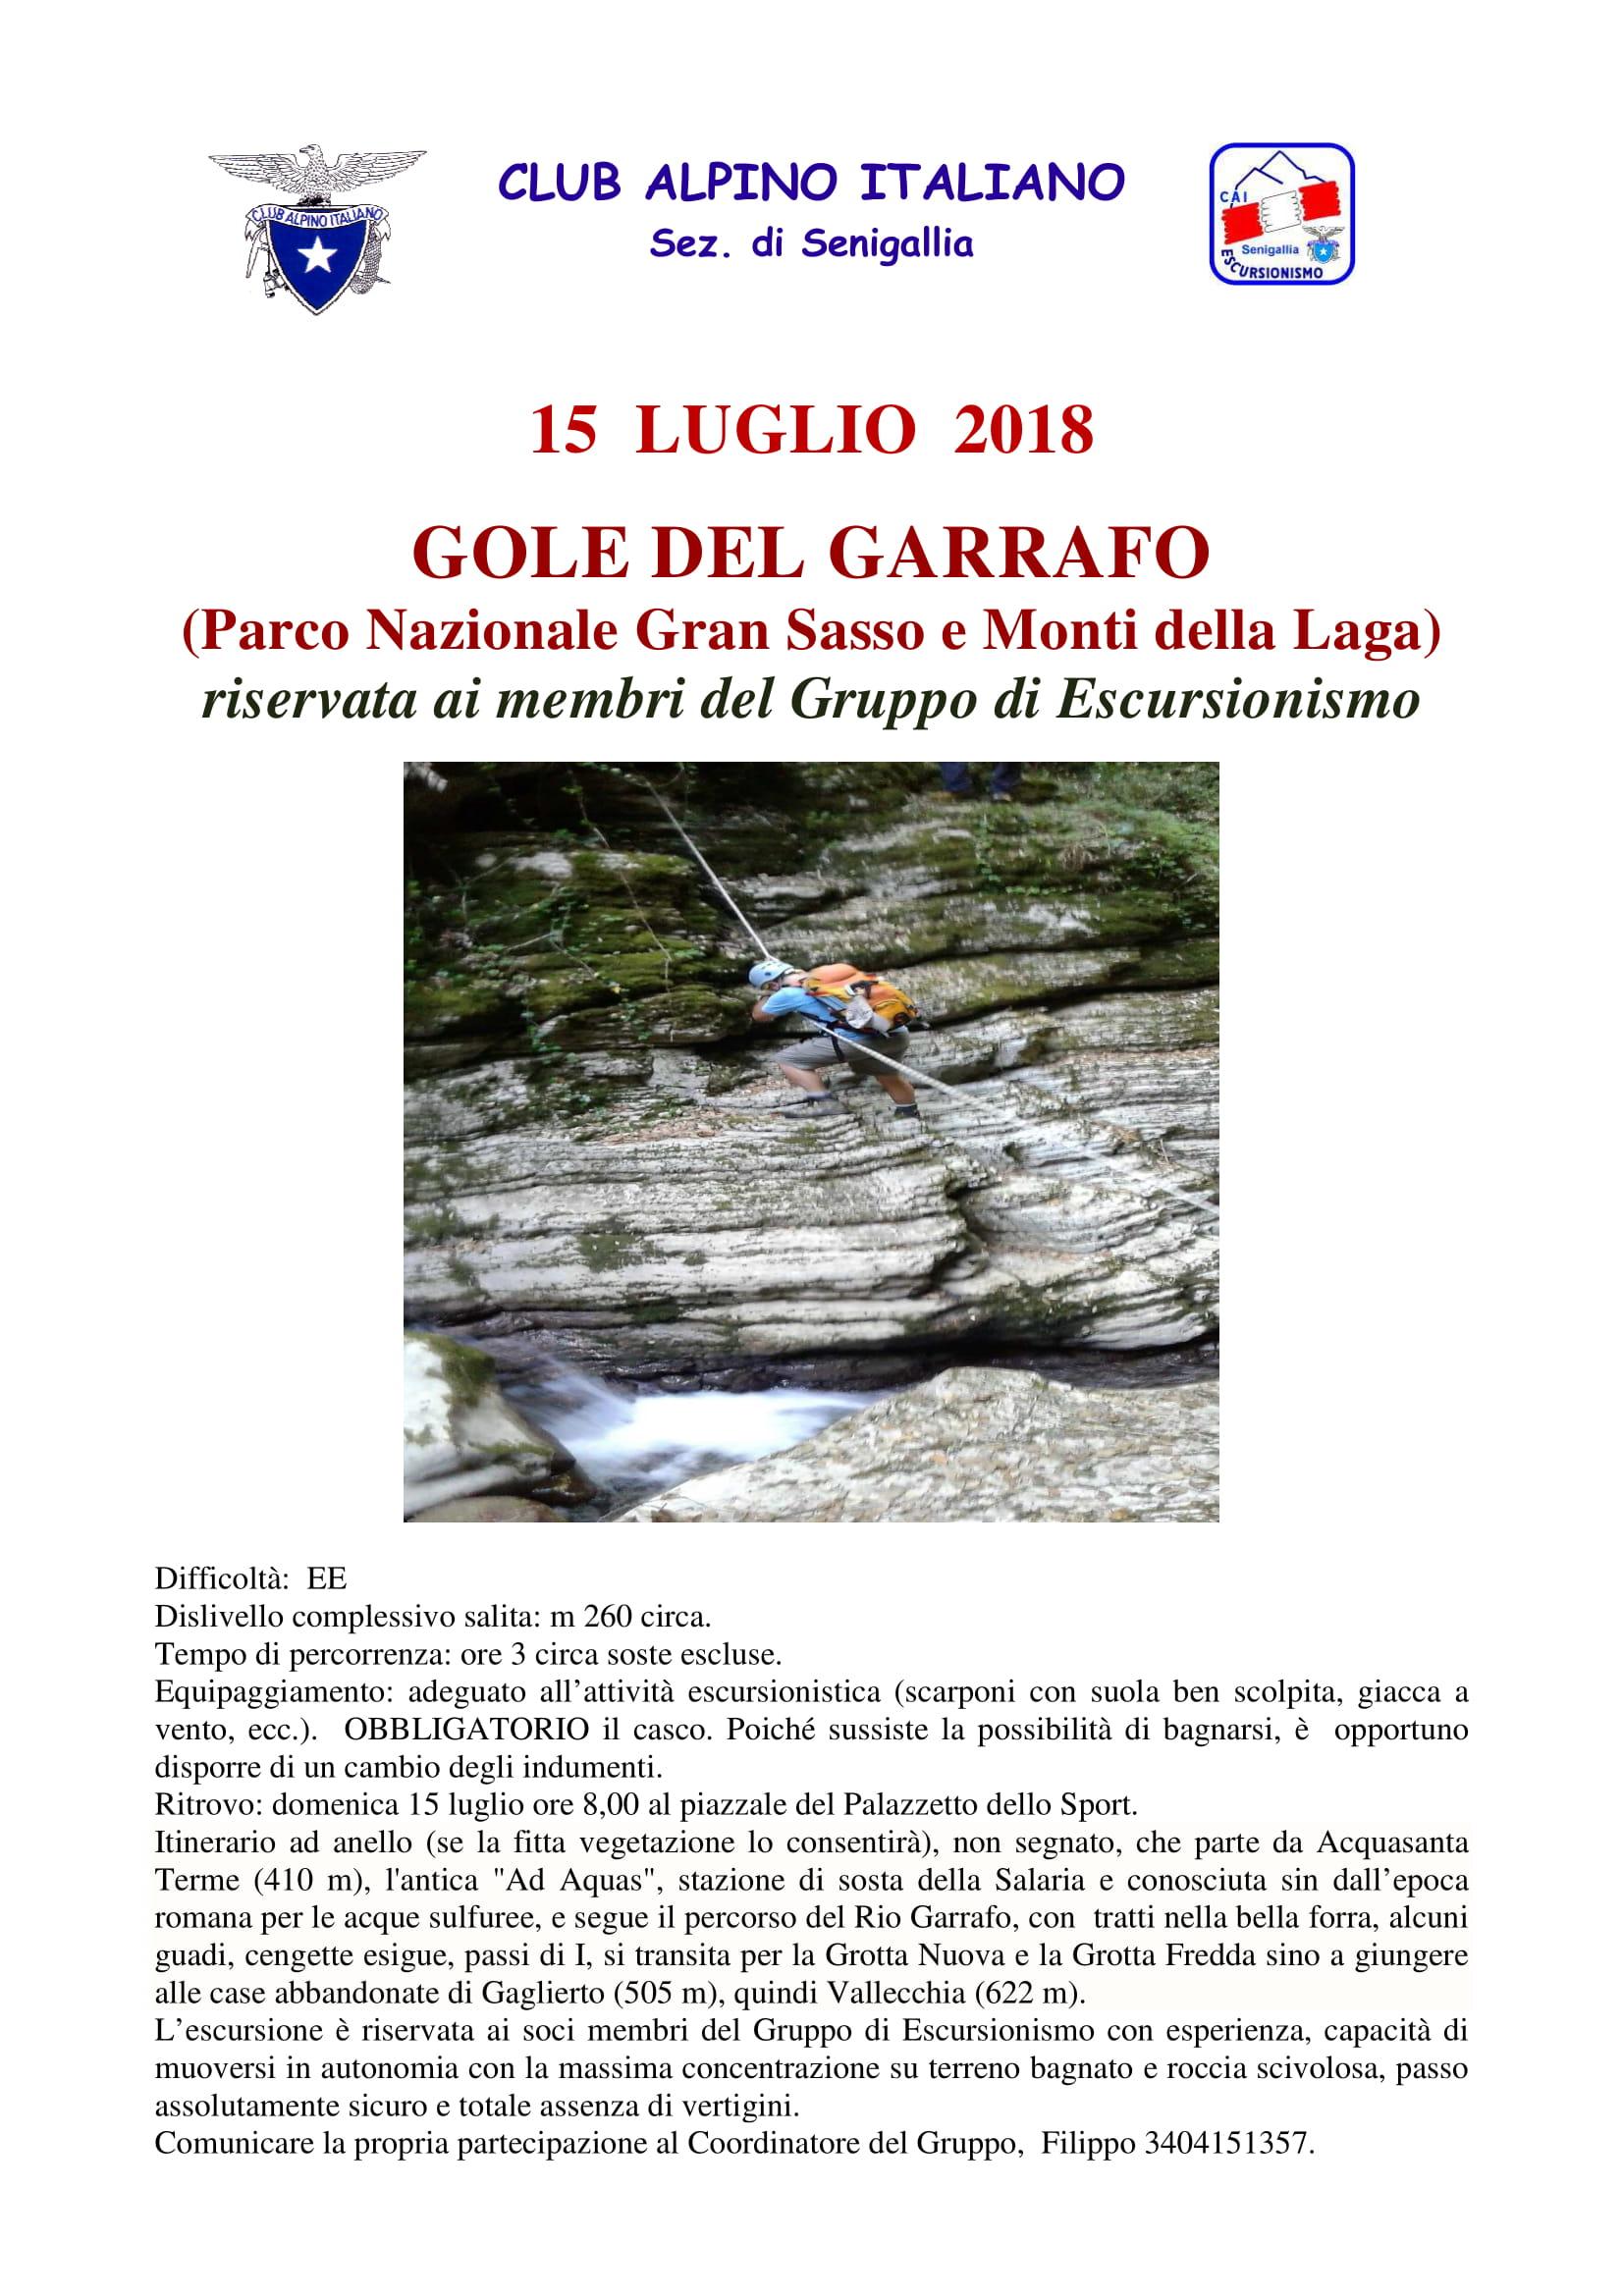 GE - Gole del Garrafo @ Acquasanta Terme